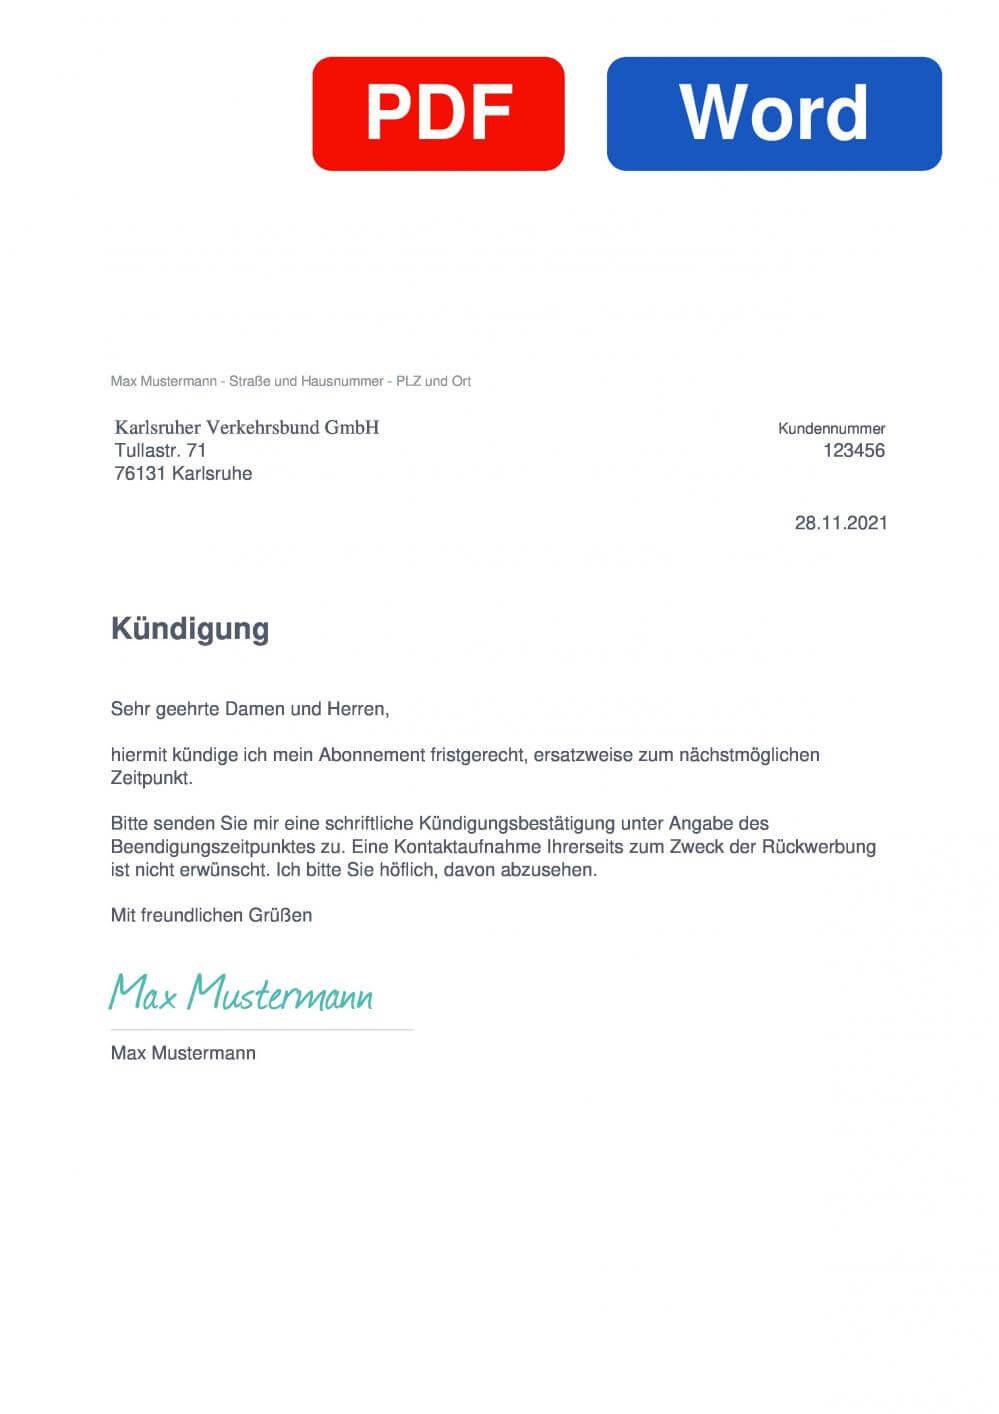 KVV Muster Vorlage für Kündigungsschreiben